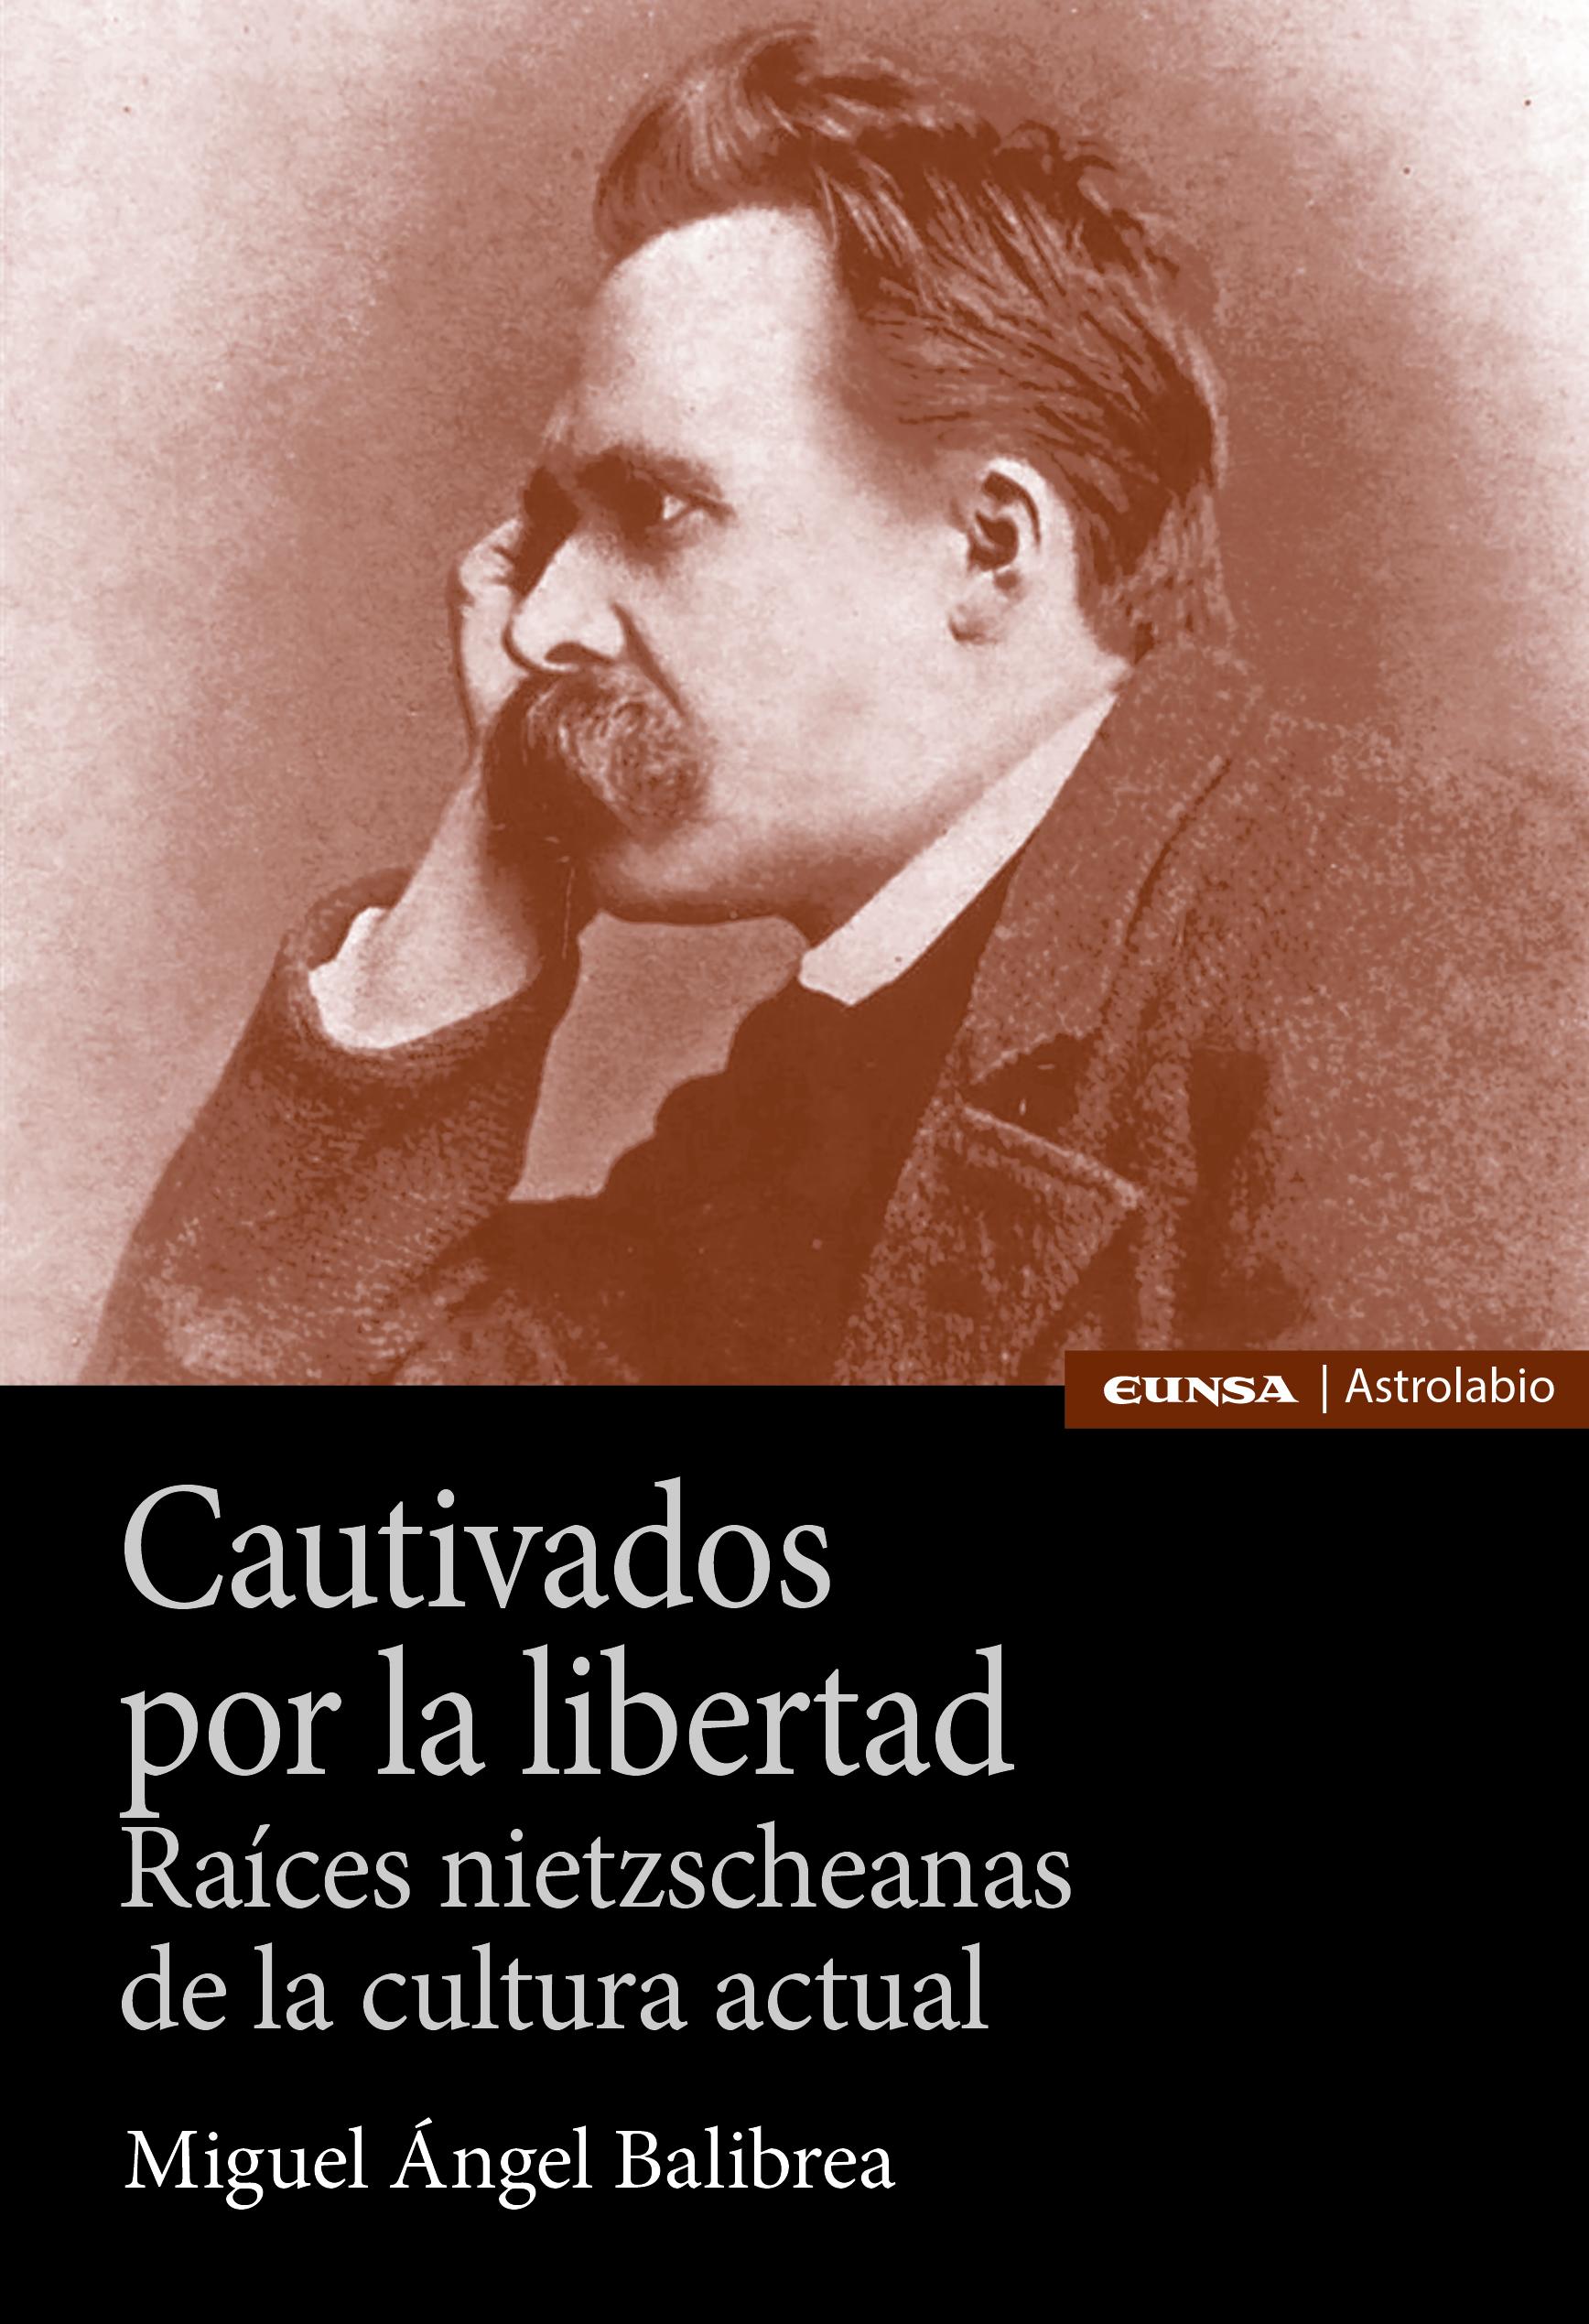 CAUTIVOS POR LA LIBERTAD